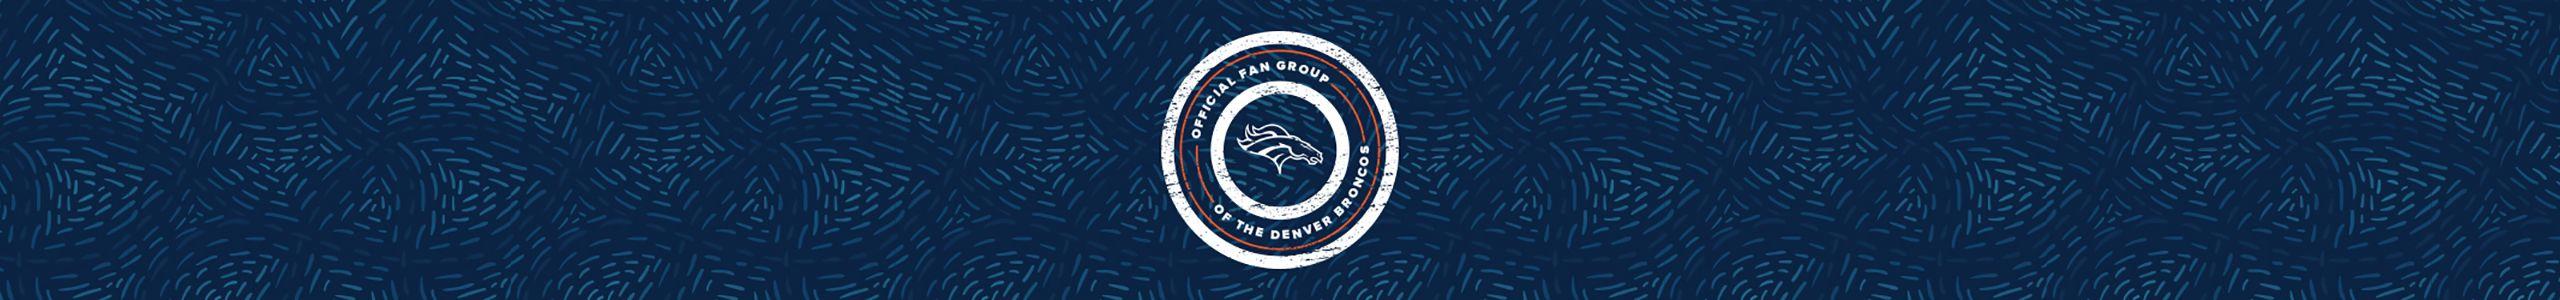 Official Denver Broncos Fan Groups